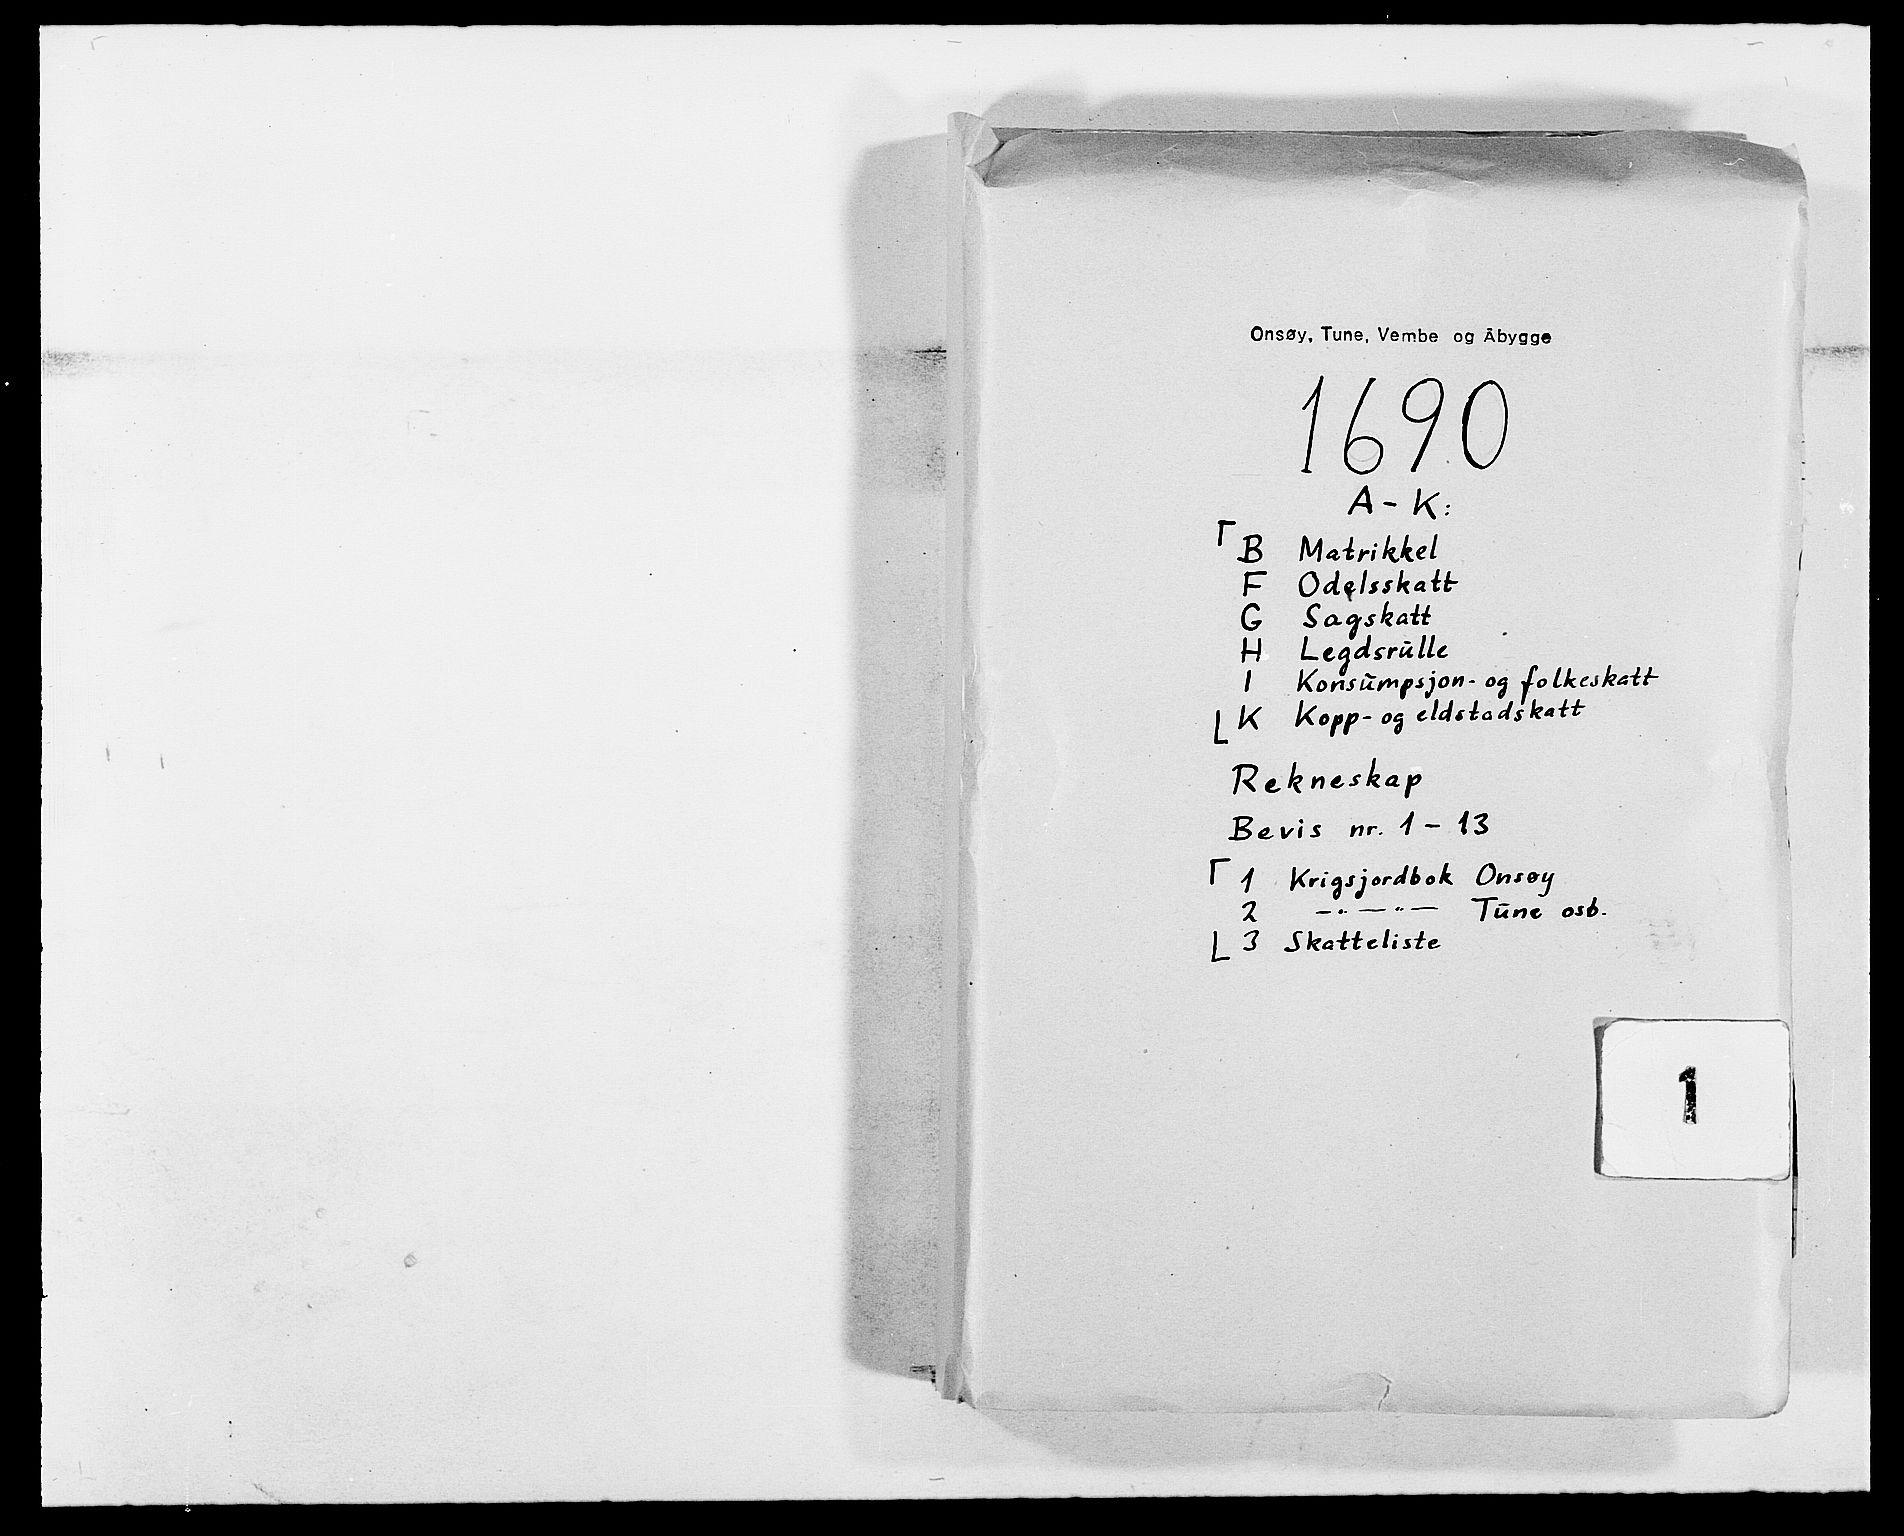 RA, Rentekammeret inntil 1814, Reviderte regnskaper, Fogderegnskap, R03/L0119: Fogderegnskap Onsøy, Tune, Veme og Åbygge fogderi, 1690-1691, p. 1